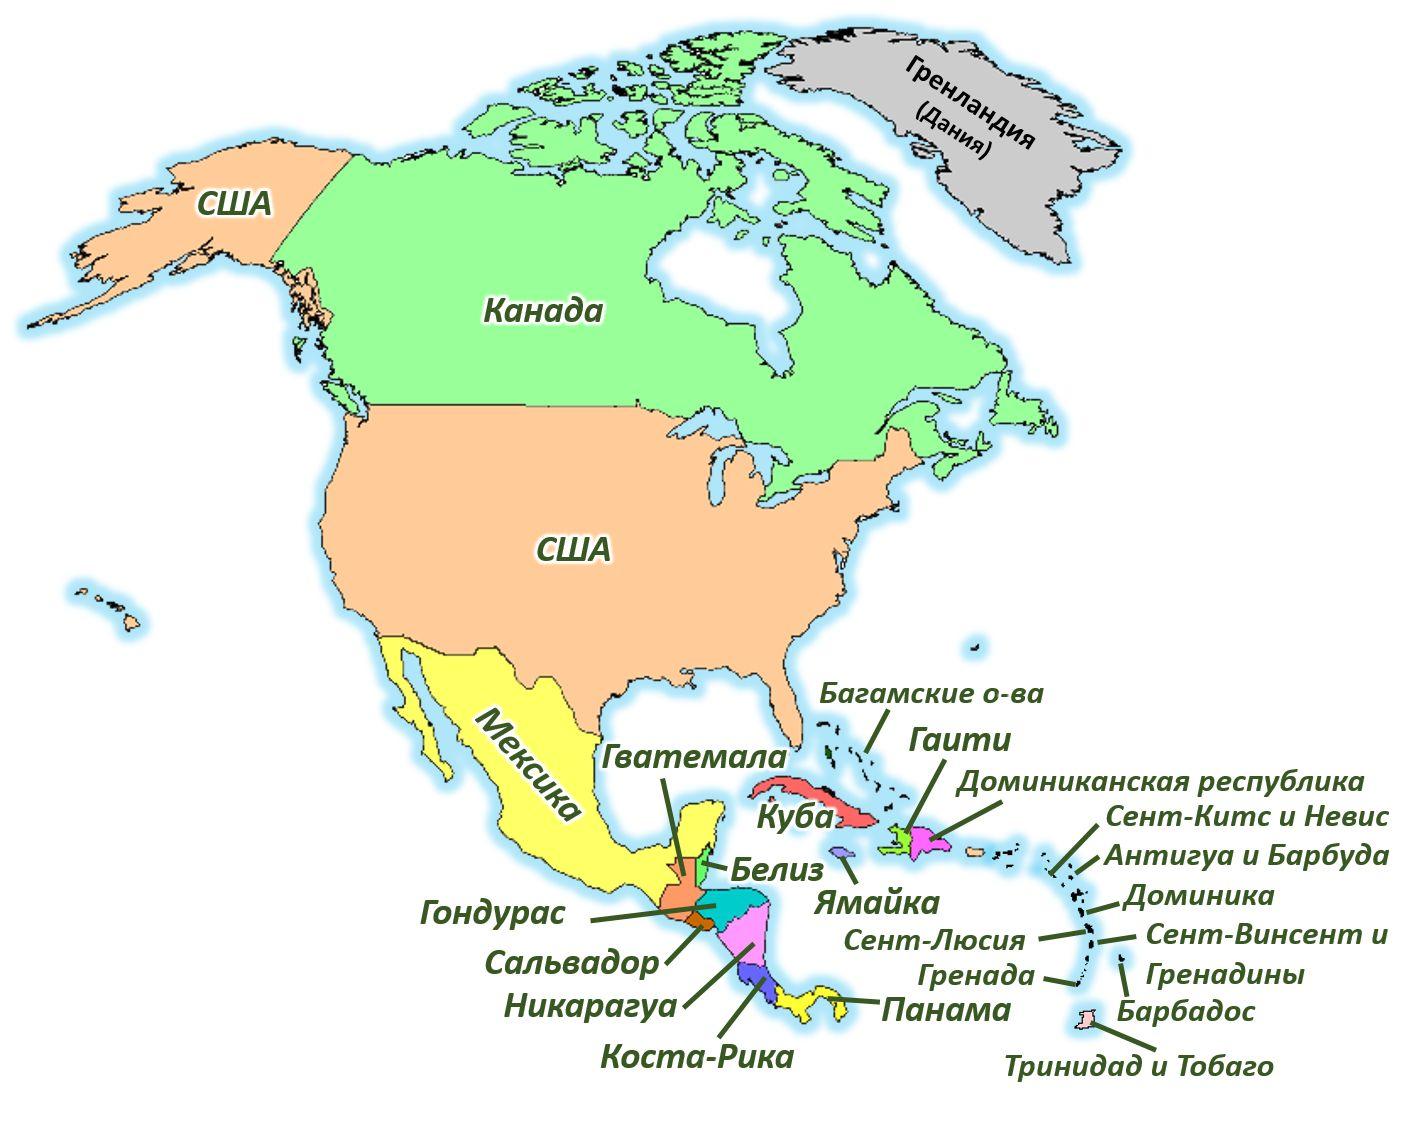 Карта Северной Америки со странами